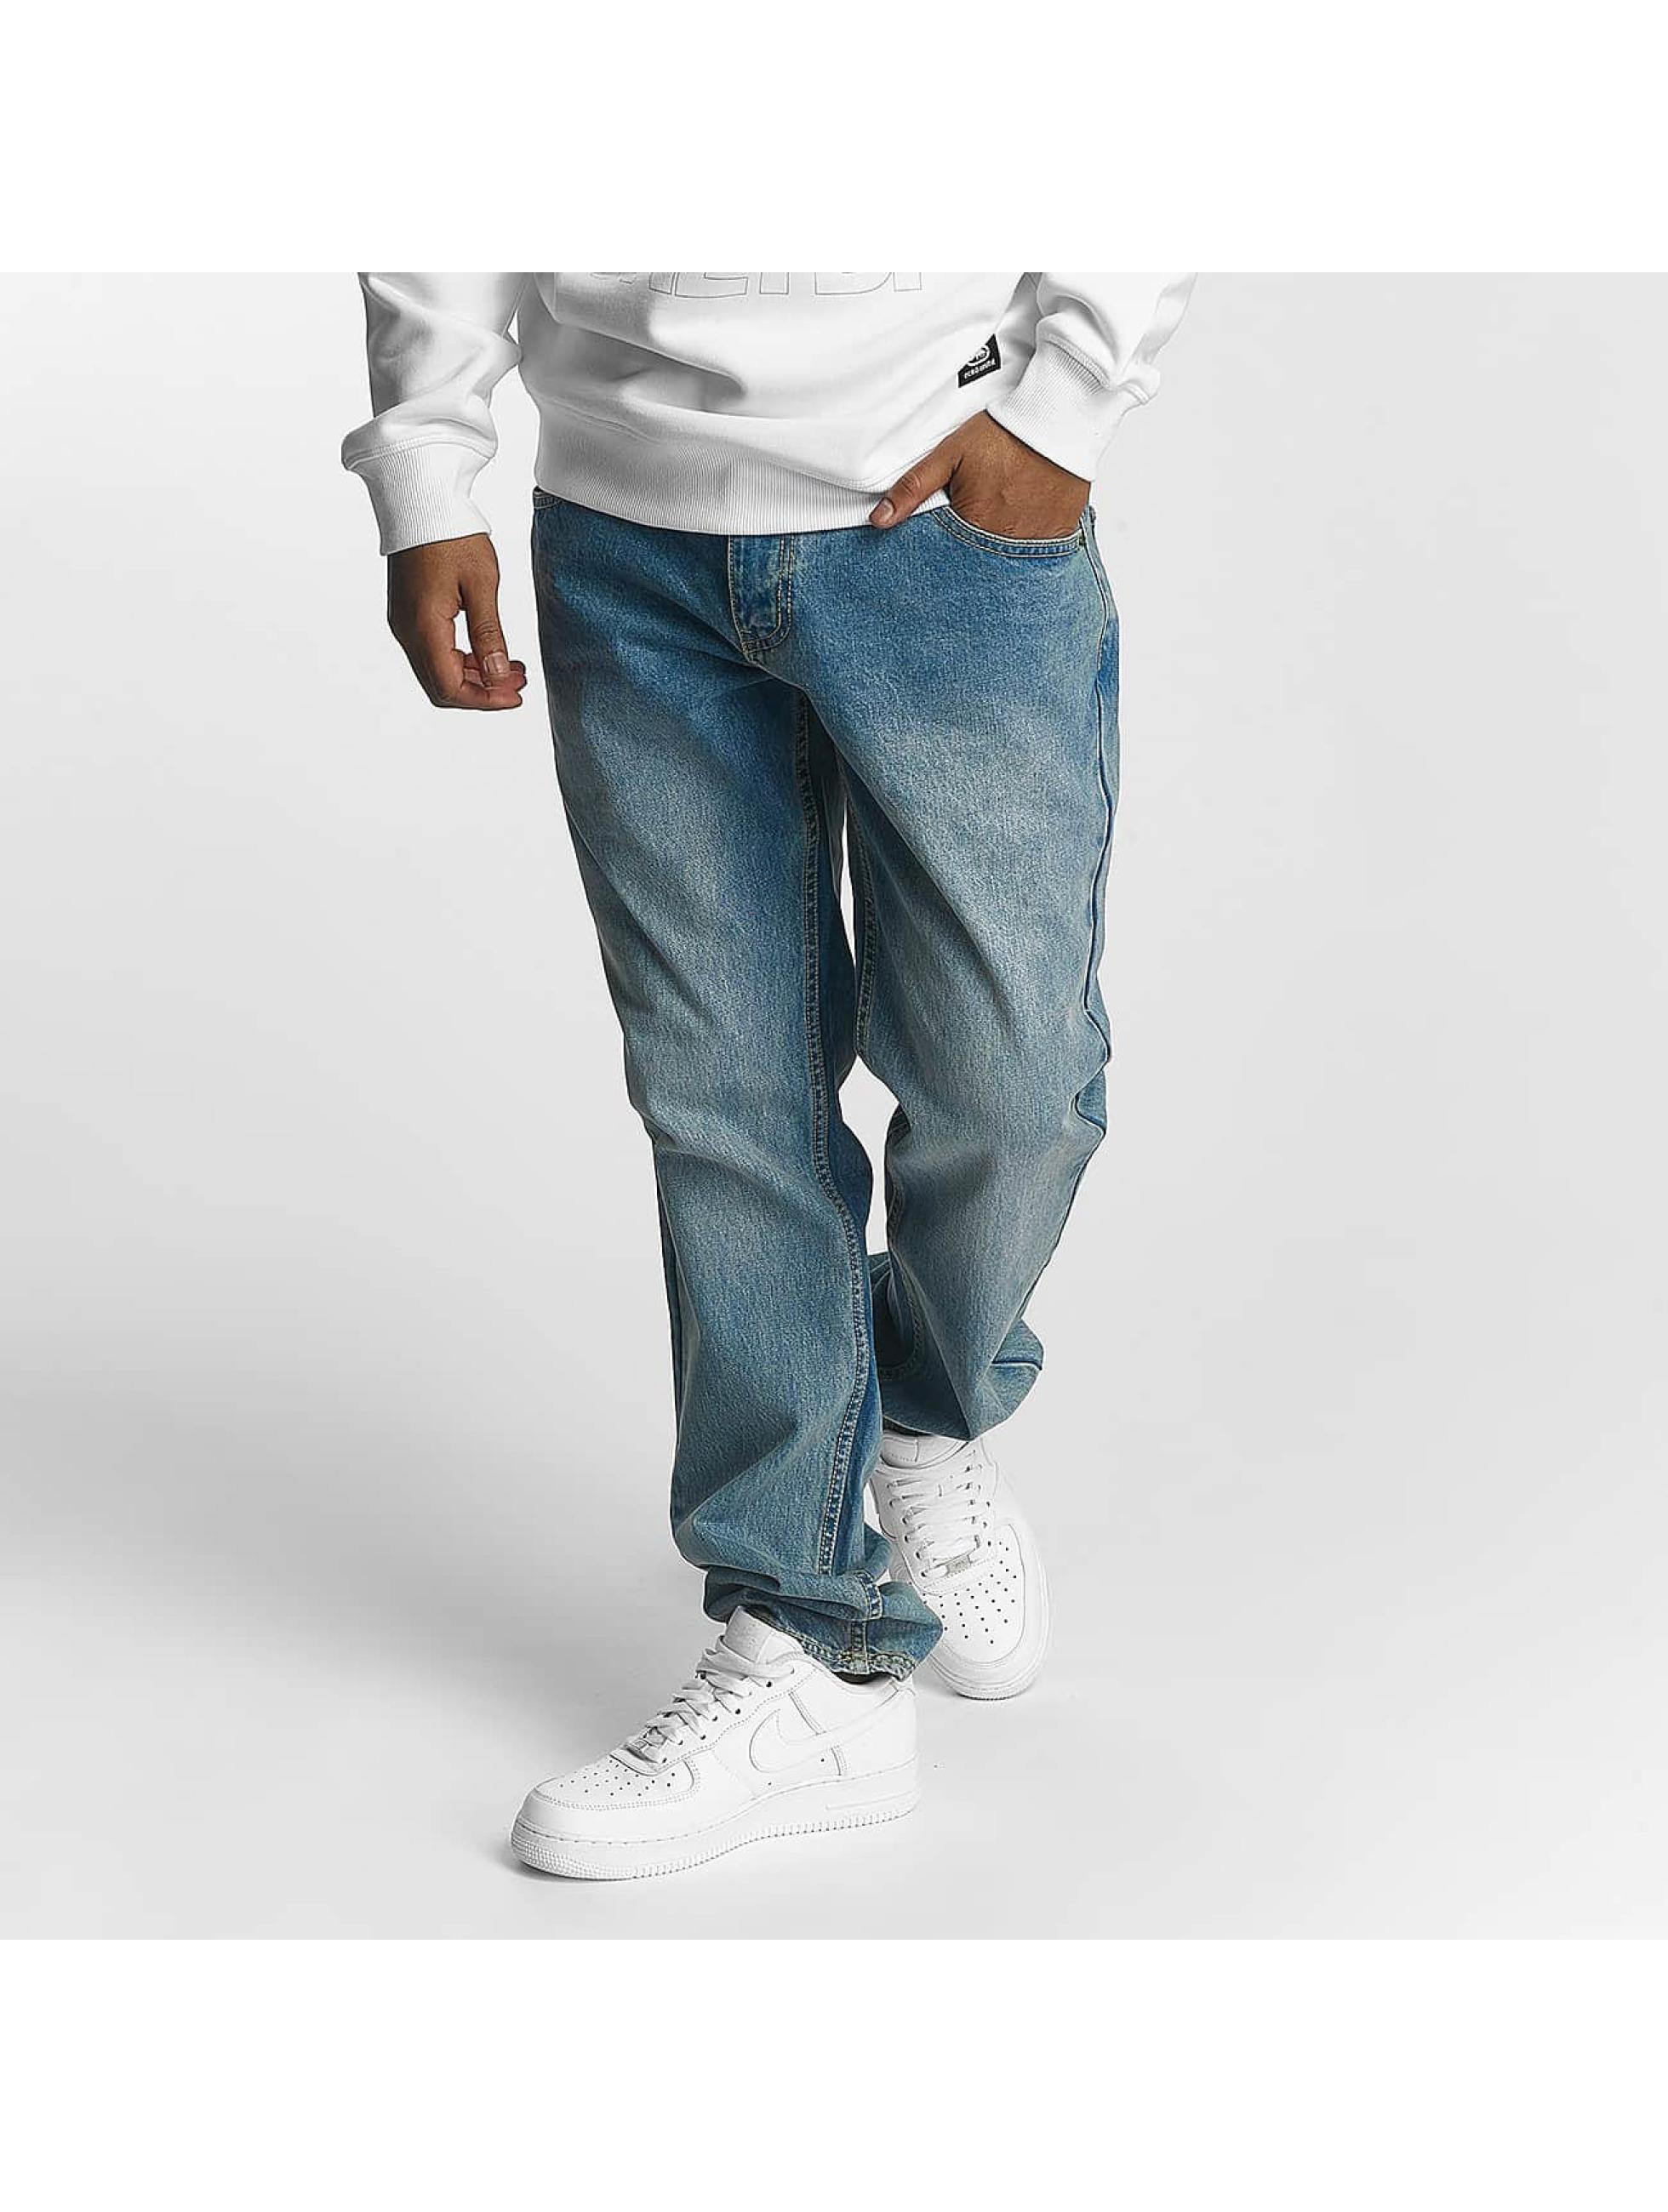 Ecko Unltd. / Straight Fit Jeans Gordon St Straight Fit in blue W 42 L 34